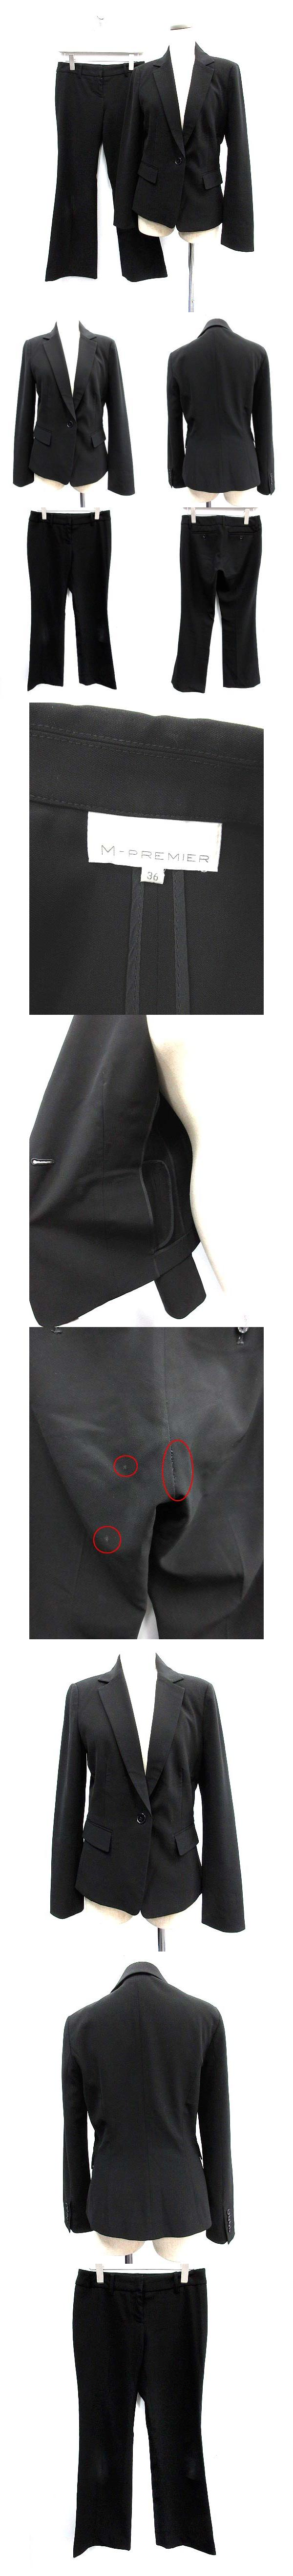 スーツ セットアップ 上下 ジャケット パンツ 36 黒 ブラック /KH ■CA29